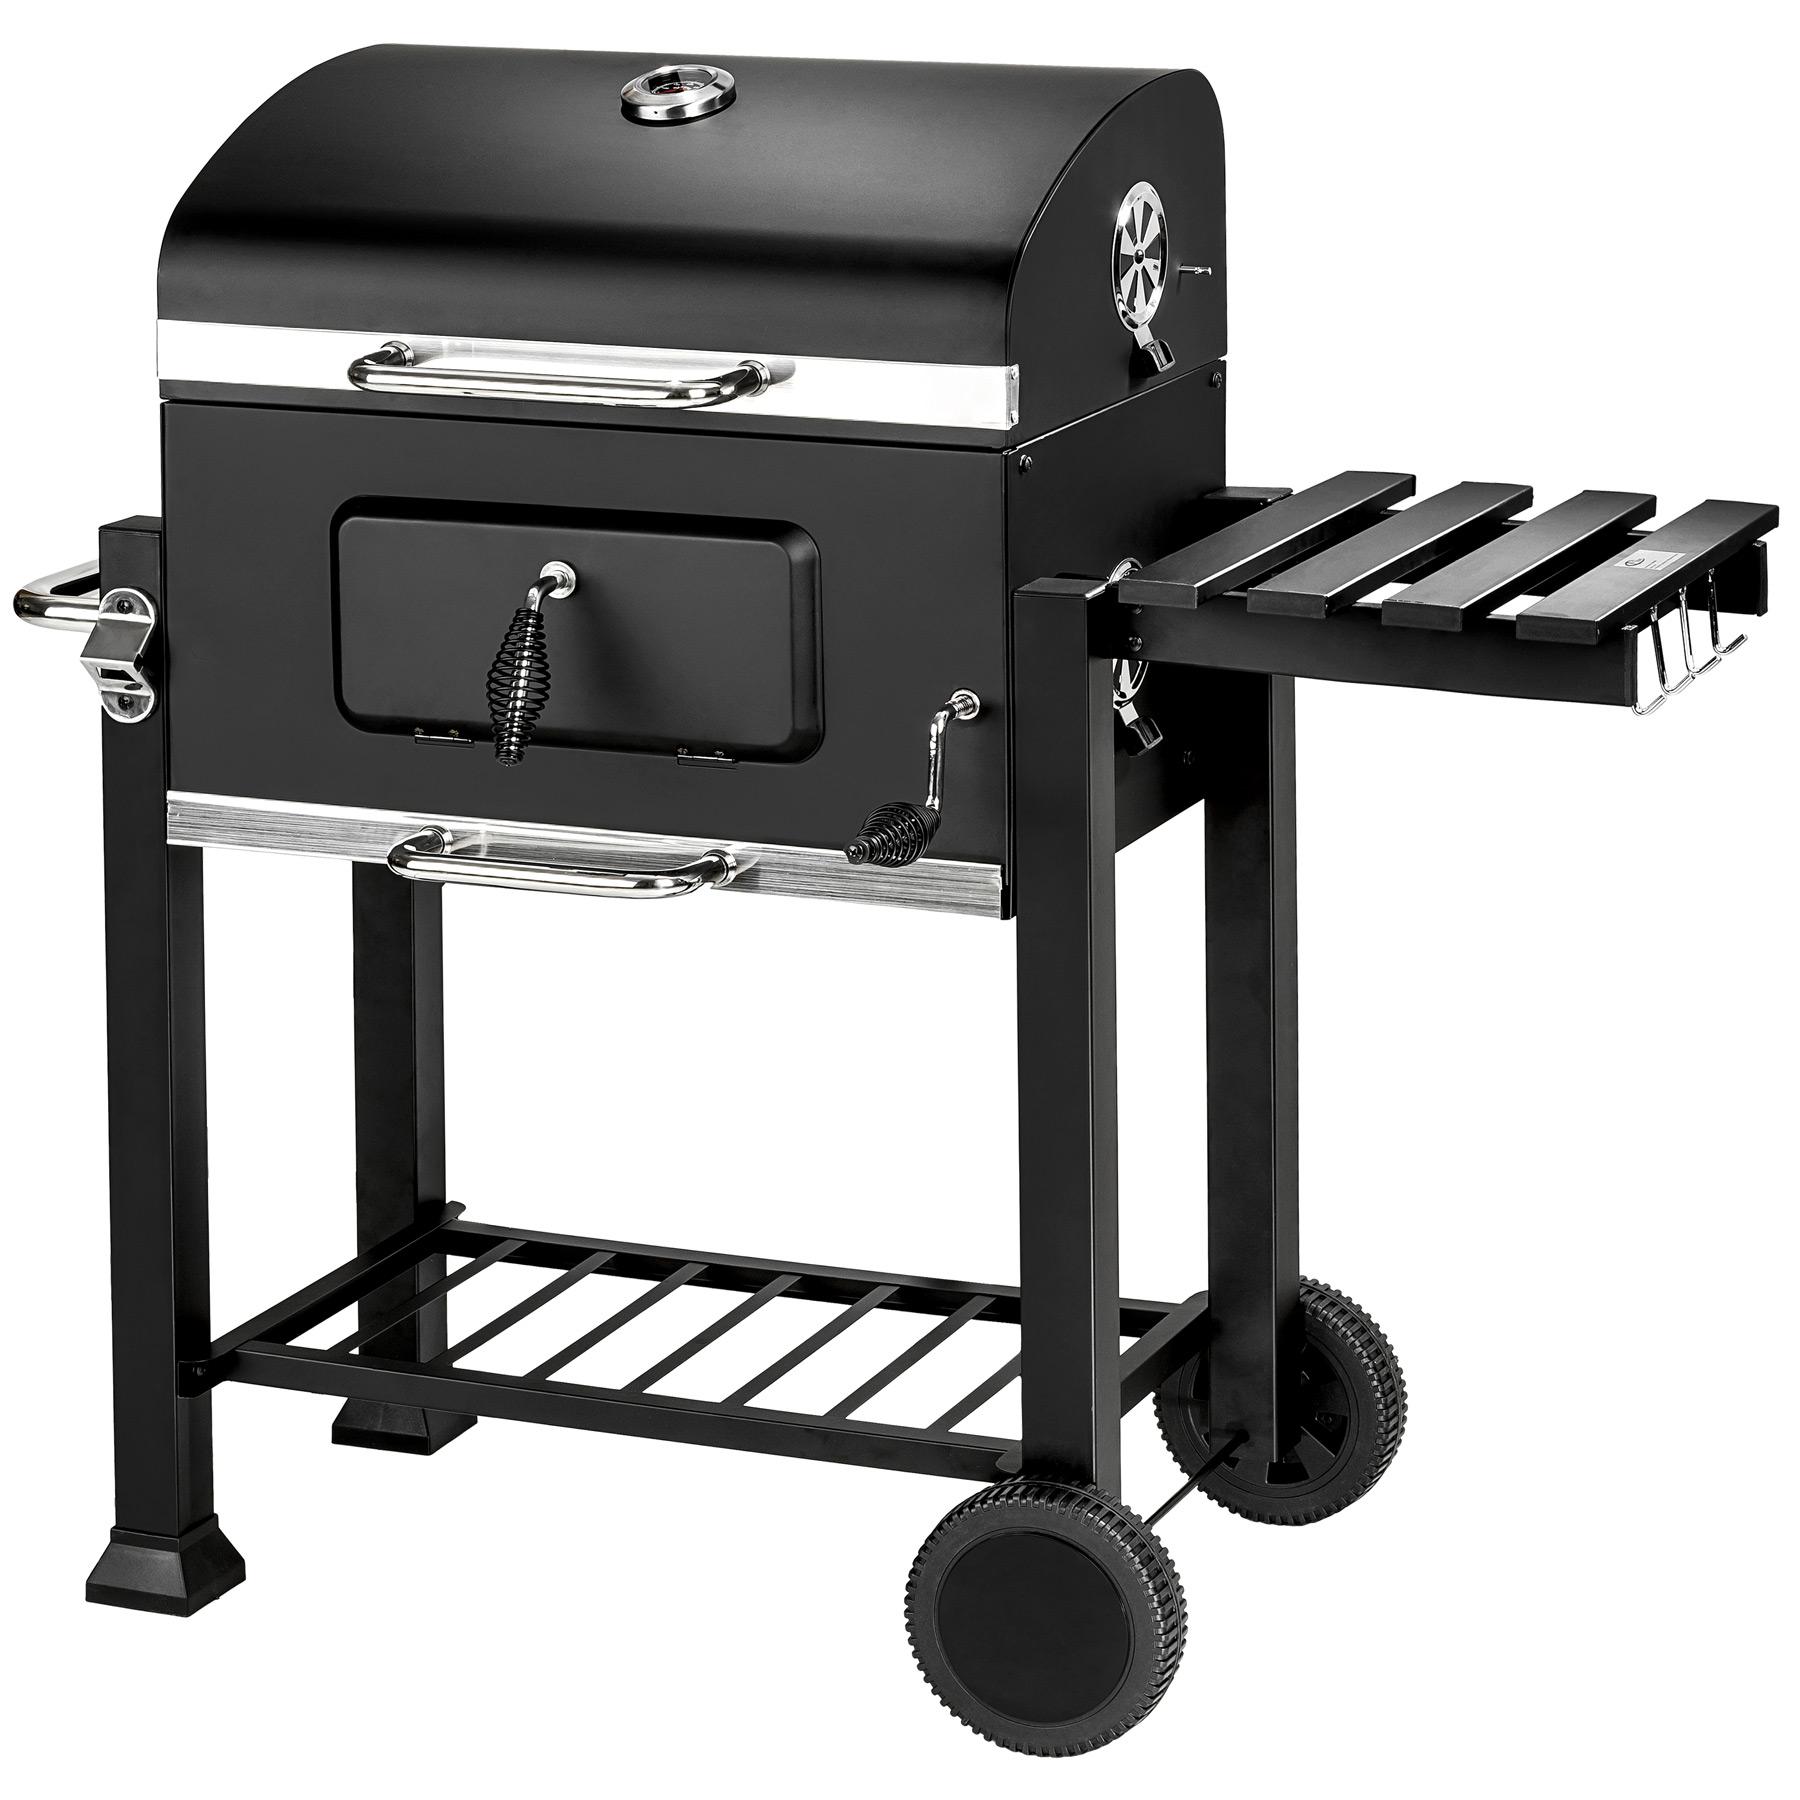 bbq grill a legna e carbone barbecue smoker carbonella griglia ebay. Black Bedroom Furniture Sets. Home Design Ideas